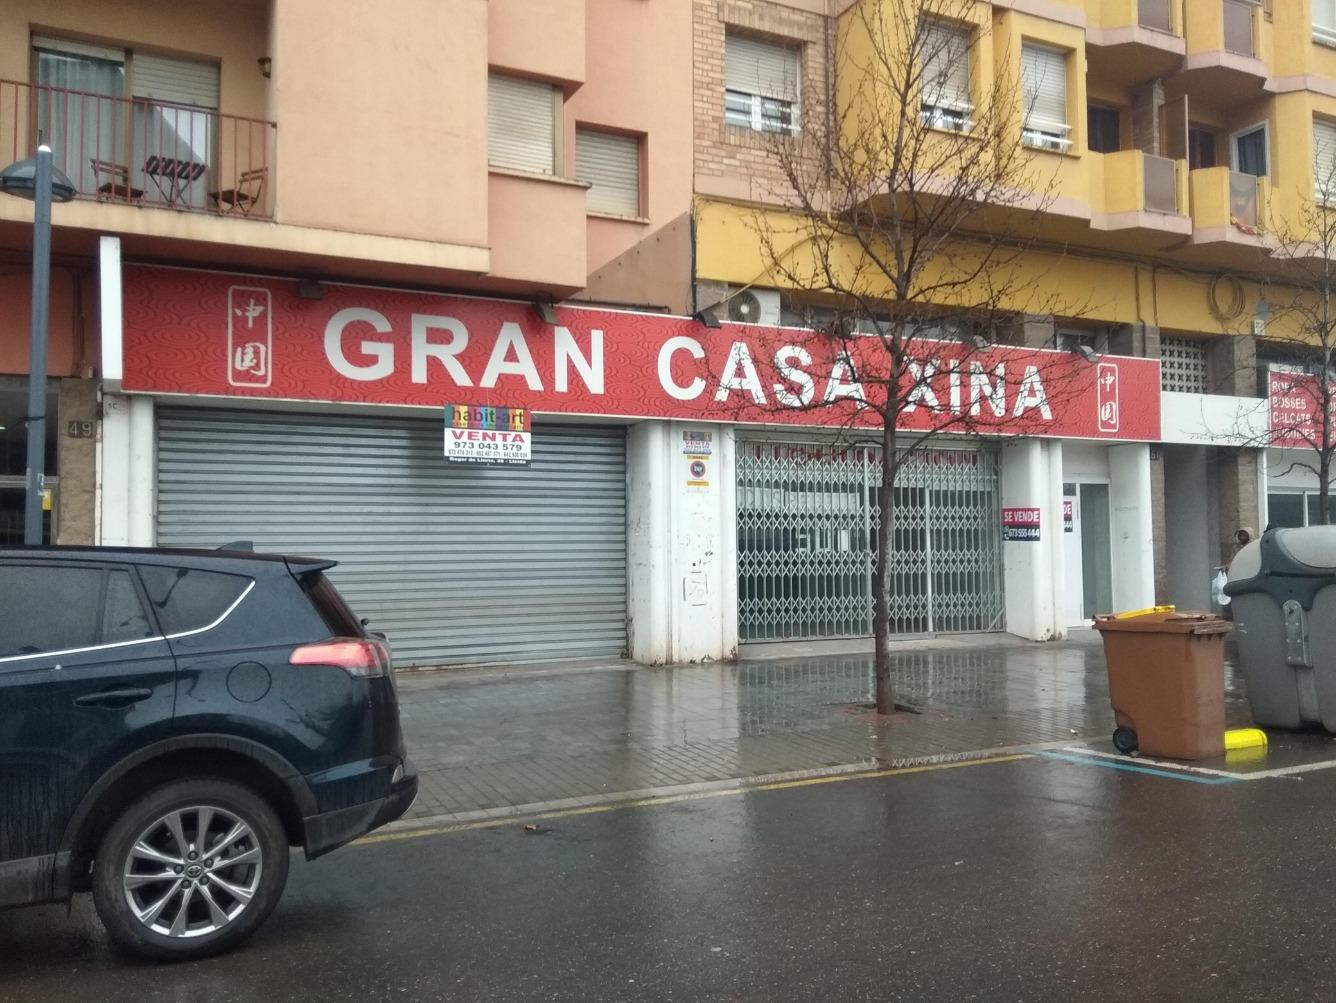 Local - 1ª línea comercial en venta  en Avenida Doctor Fleming, Lleida